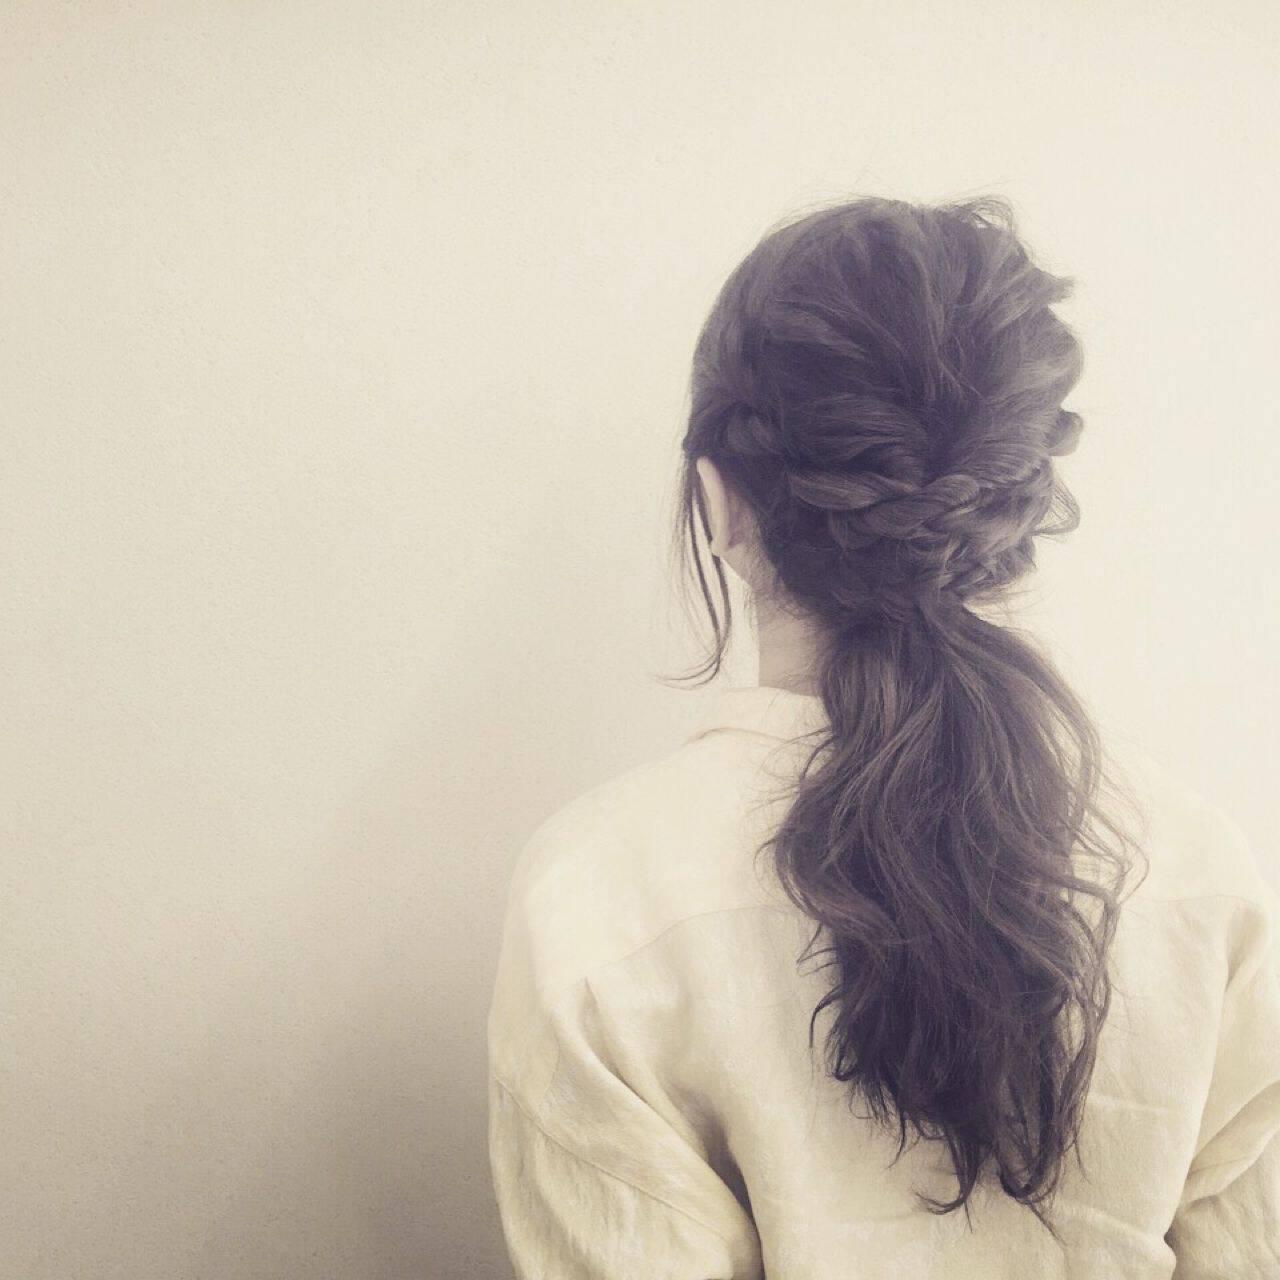 原宿系 ナチュラル 編み込み ヘアアレンジヘアスタイルや髪型の写真・画像